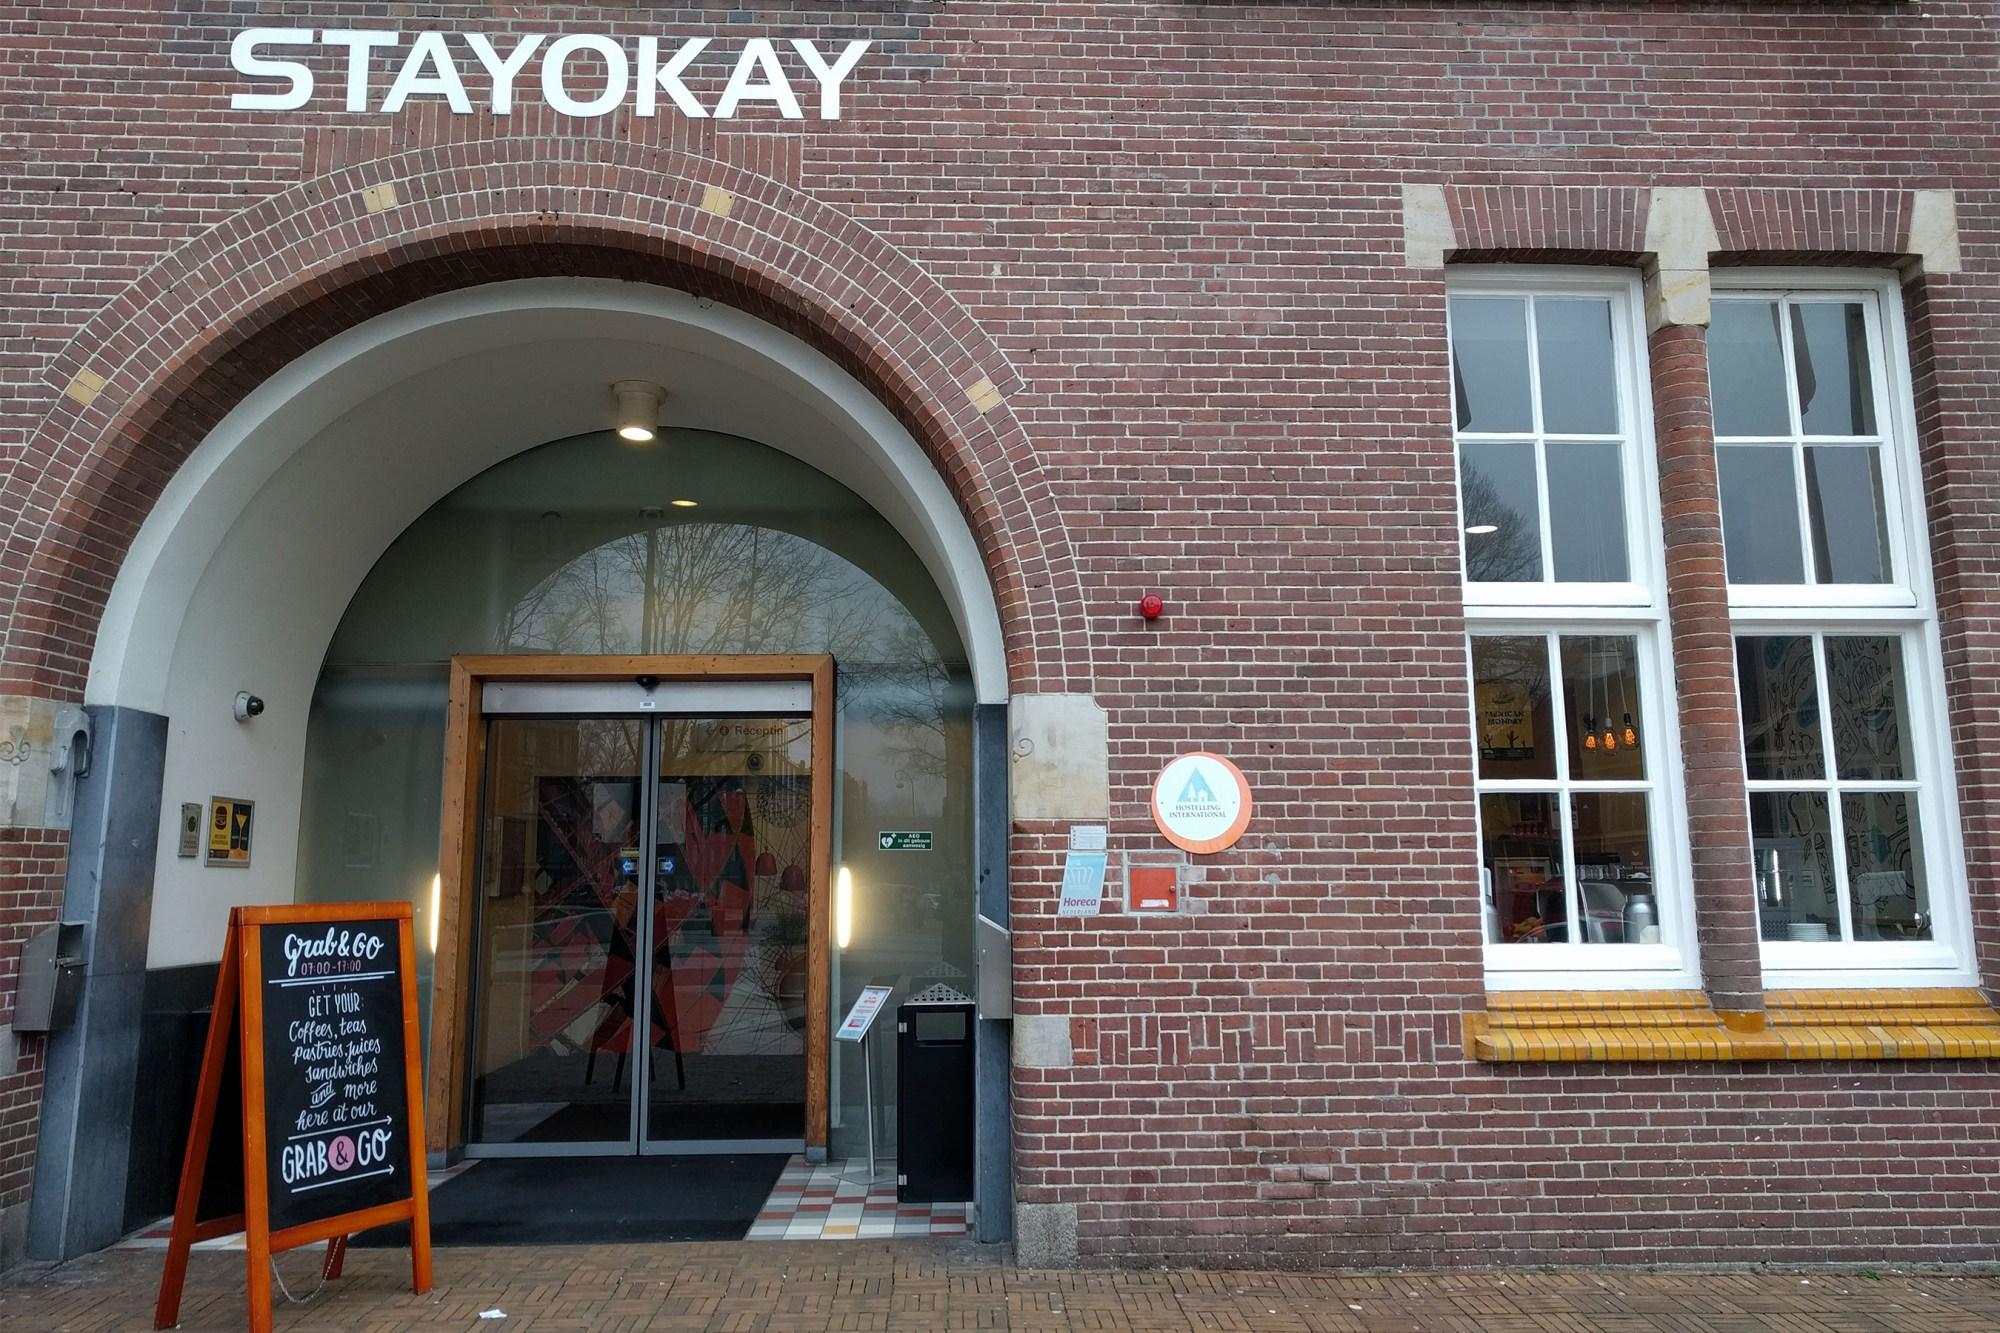 Gevel Stayokay Grab&Go op het Timorplein in het Javakwartier